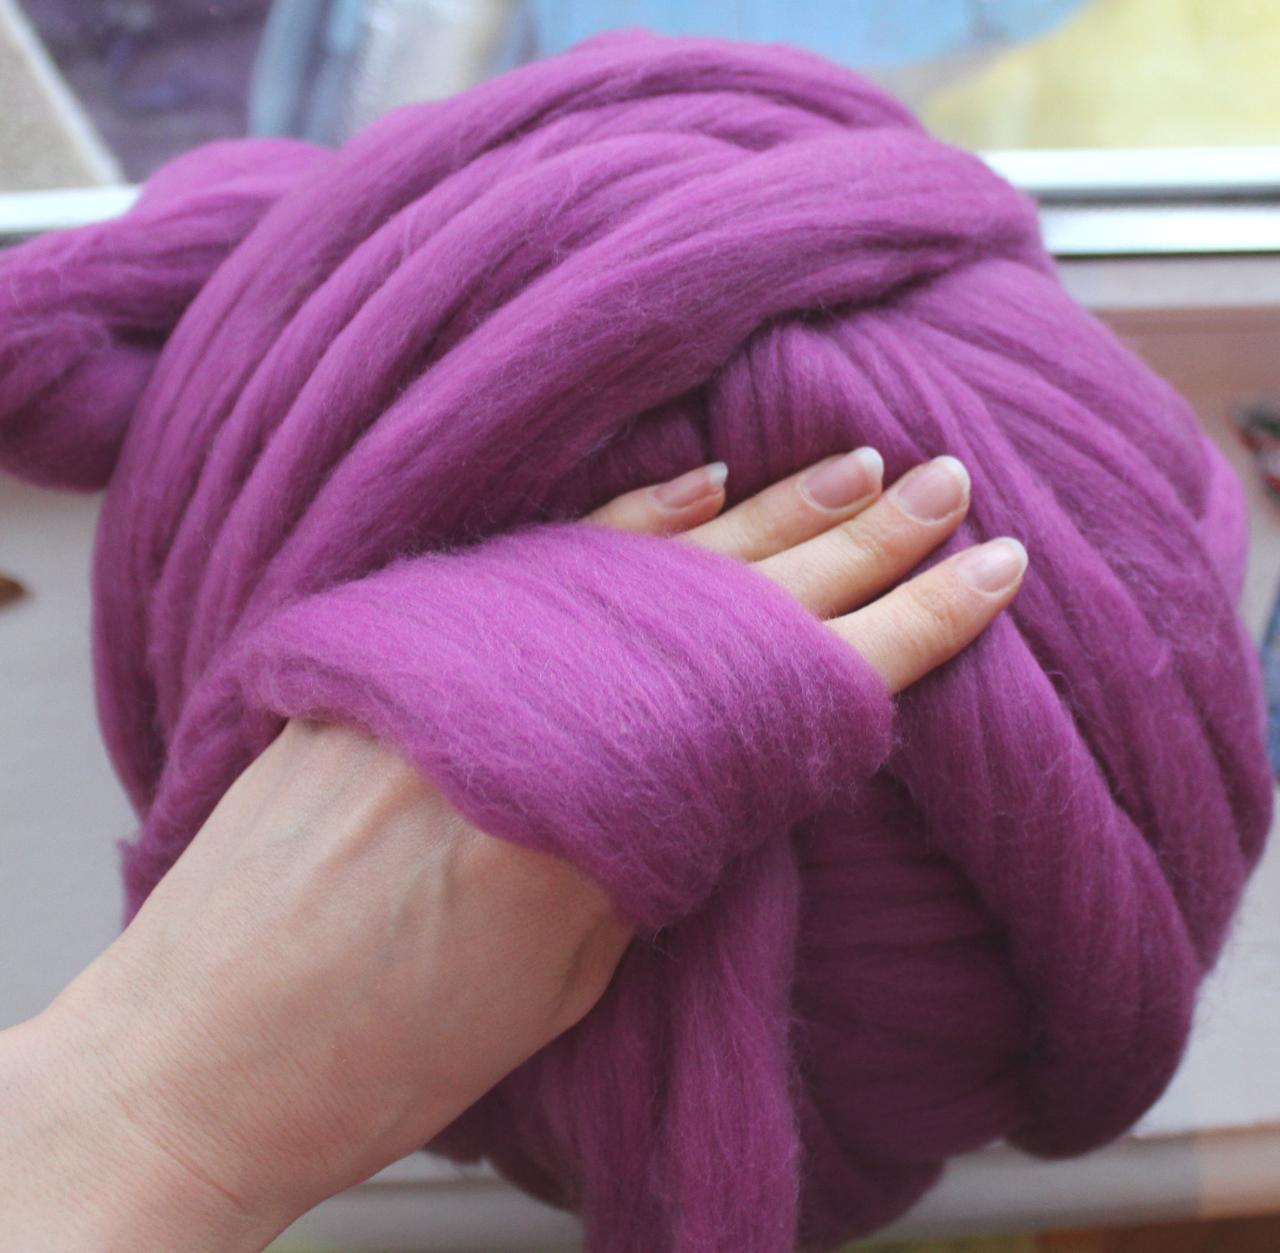 Толстая, крупная пряжа 100% шерсть 1кг (40м). Цвет: Сирень. 25-29 мкрн. Топс. Лента для пледов